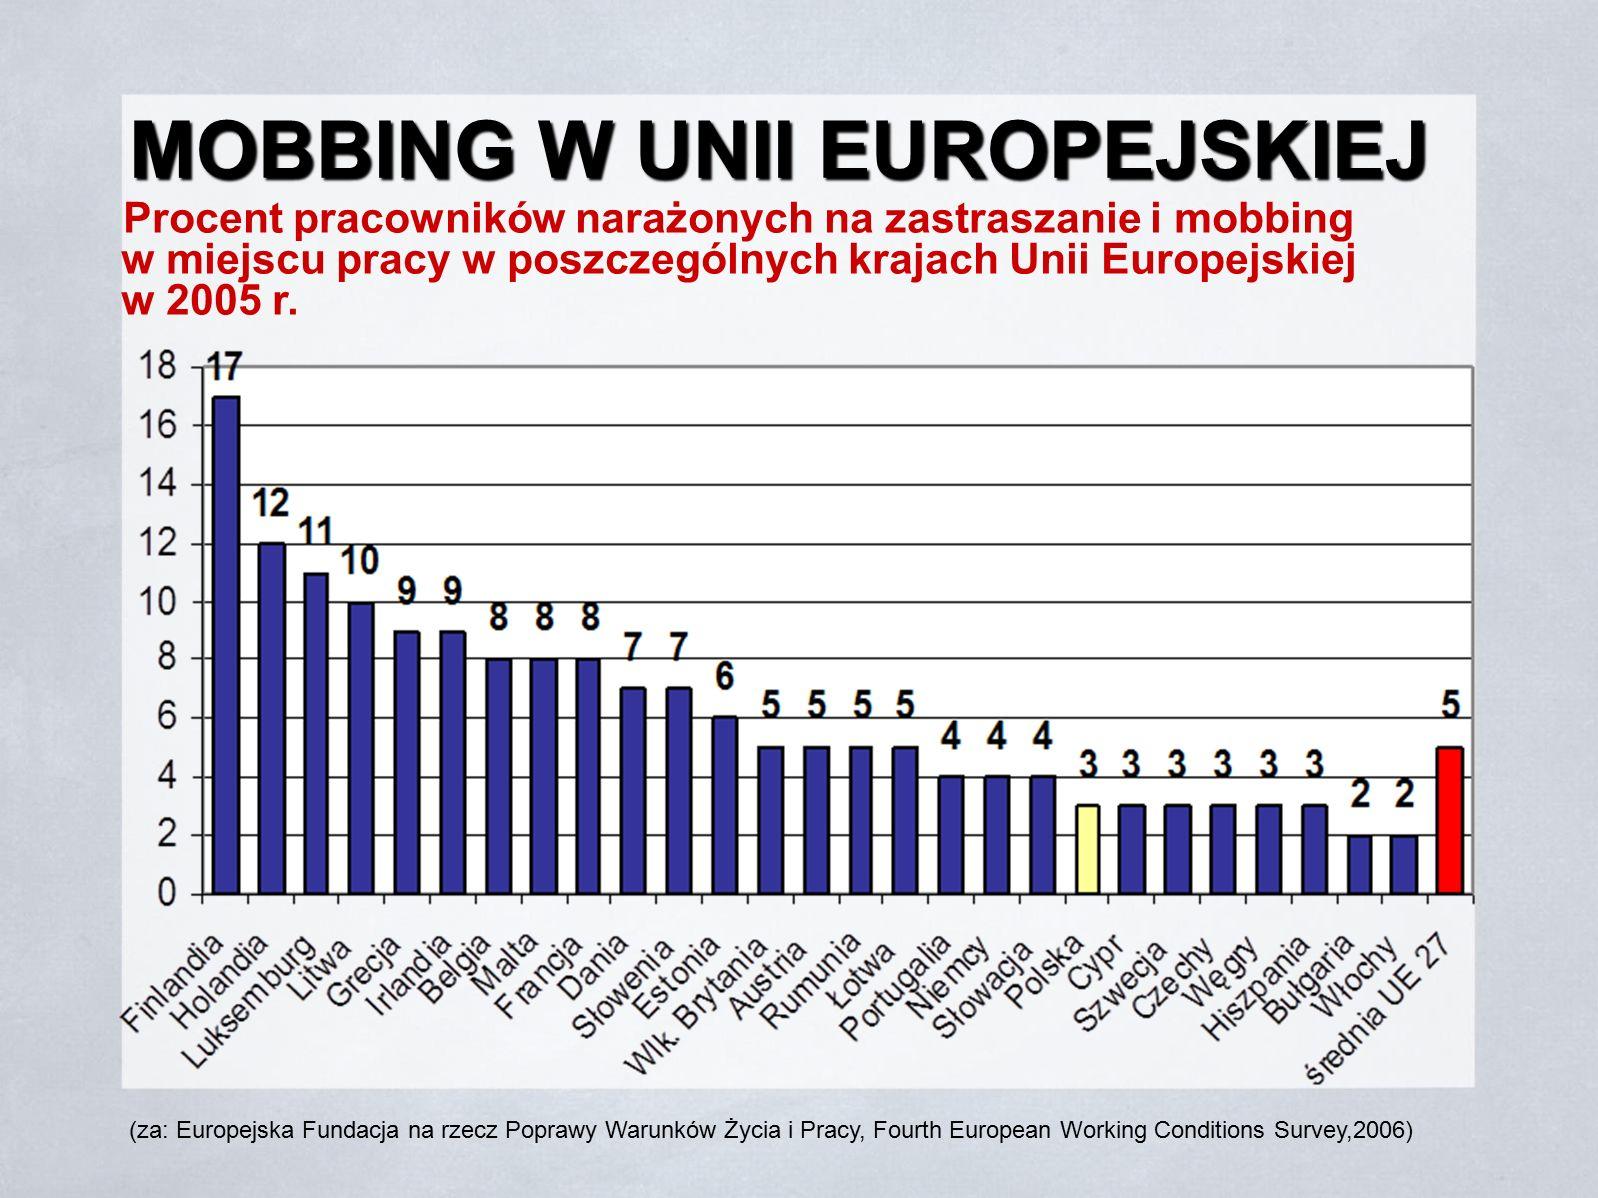 MOBBING W UNII EUROPEJSKIEJ Procent pracowników narażonych na zastraszanie i mobbing w miejscu pracy w poszczególnych krajach Unii Europejskiej w 2005